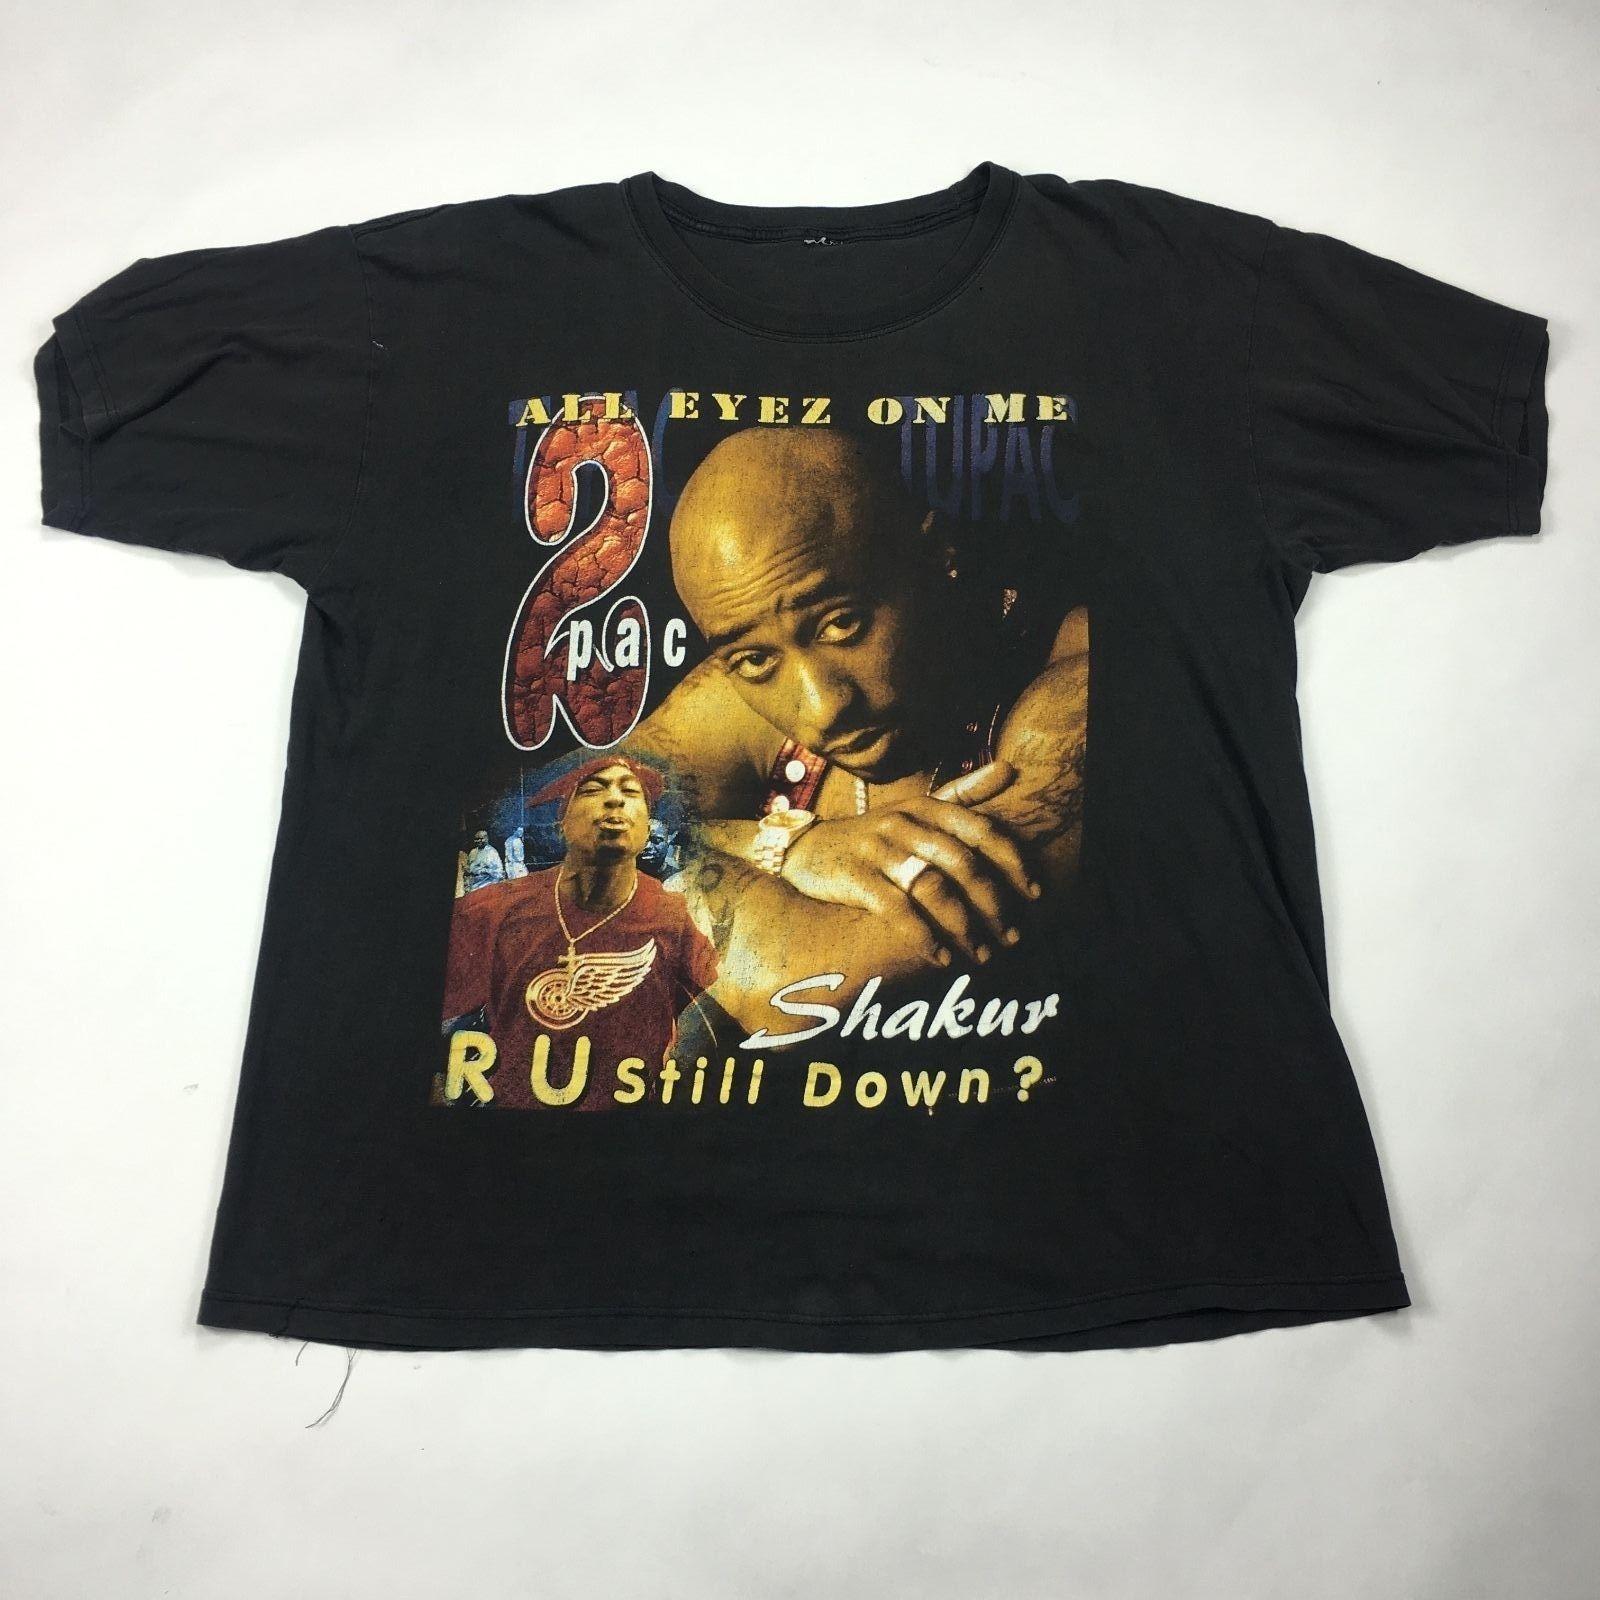 2pac R U Still Down Vintage T Shirt Sz Xl Vintage Tshirts Vintage Shirt Design Vintage Tee Shirts